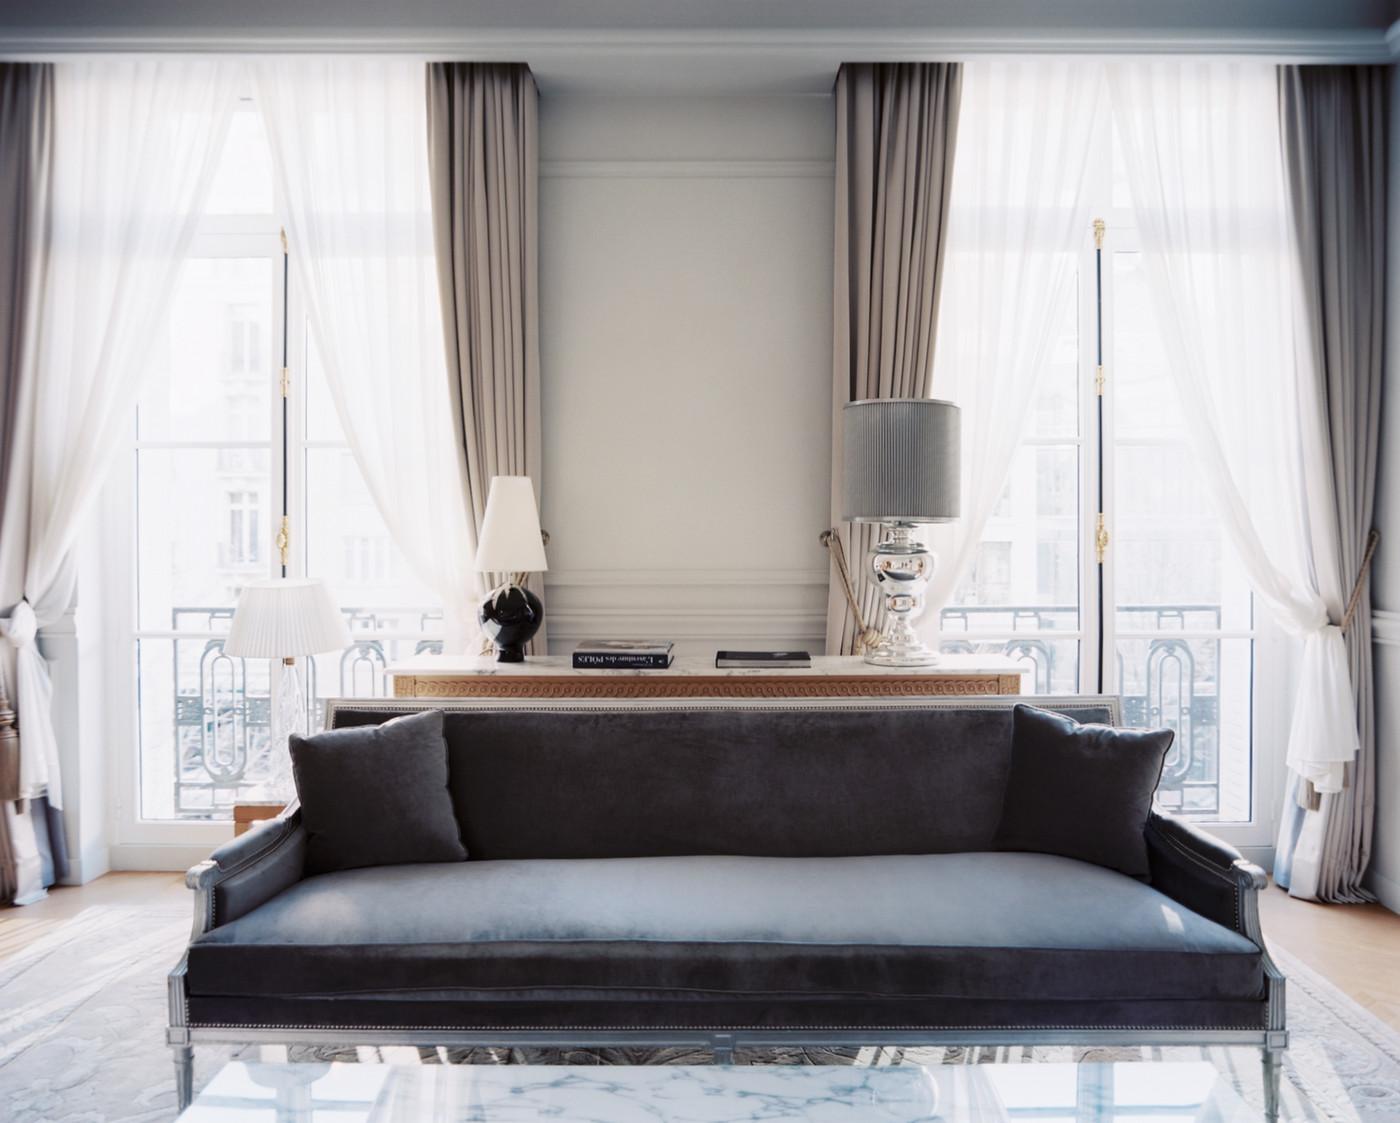 Le Royal Monceau Hotel, Lonny Magazine